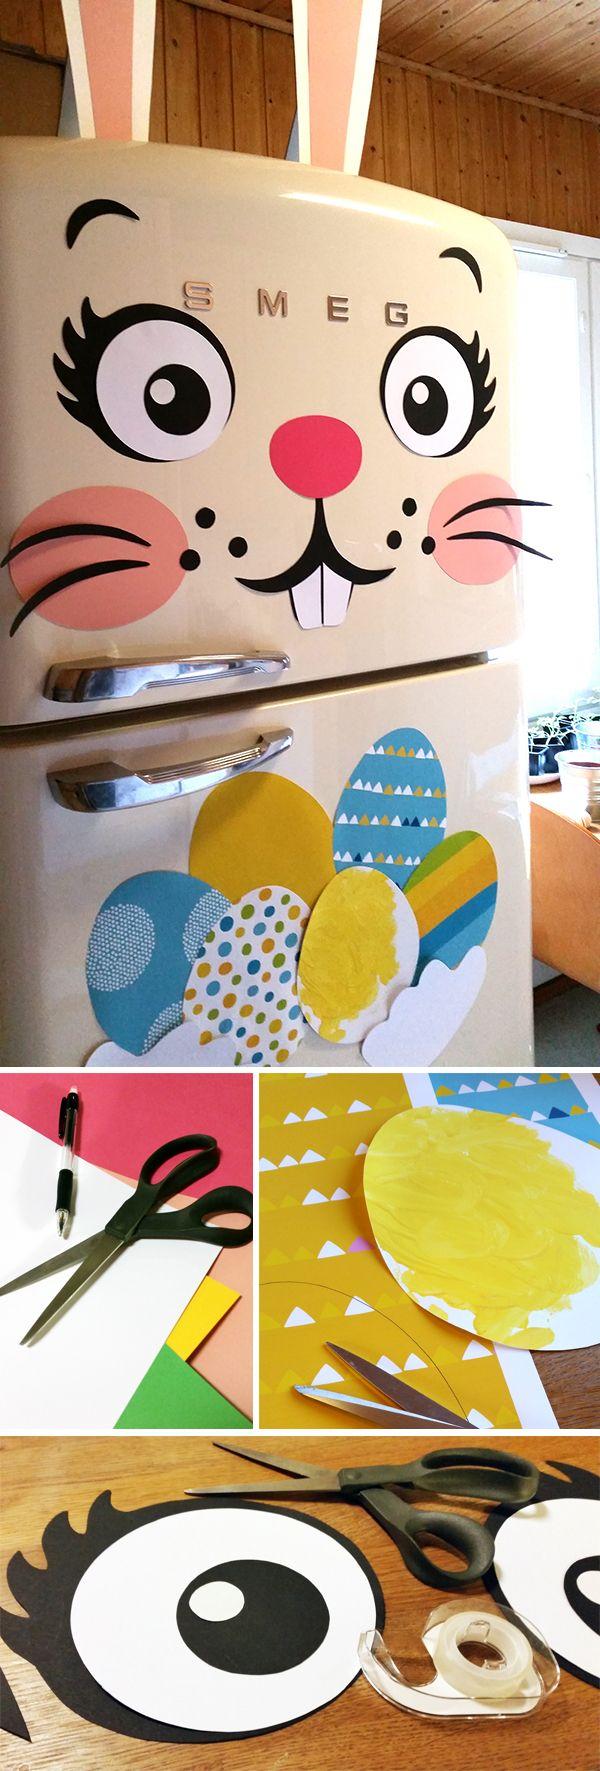 Jääkaappipupu.  lasten | askartelu | pääsiäinen | käsityöt | koti | paperi | DIY ideas | kid crafts | Easter | home | paper crafts | Pikku Kakkonen